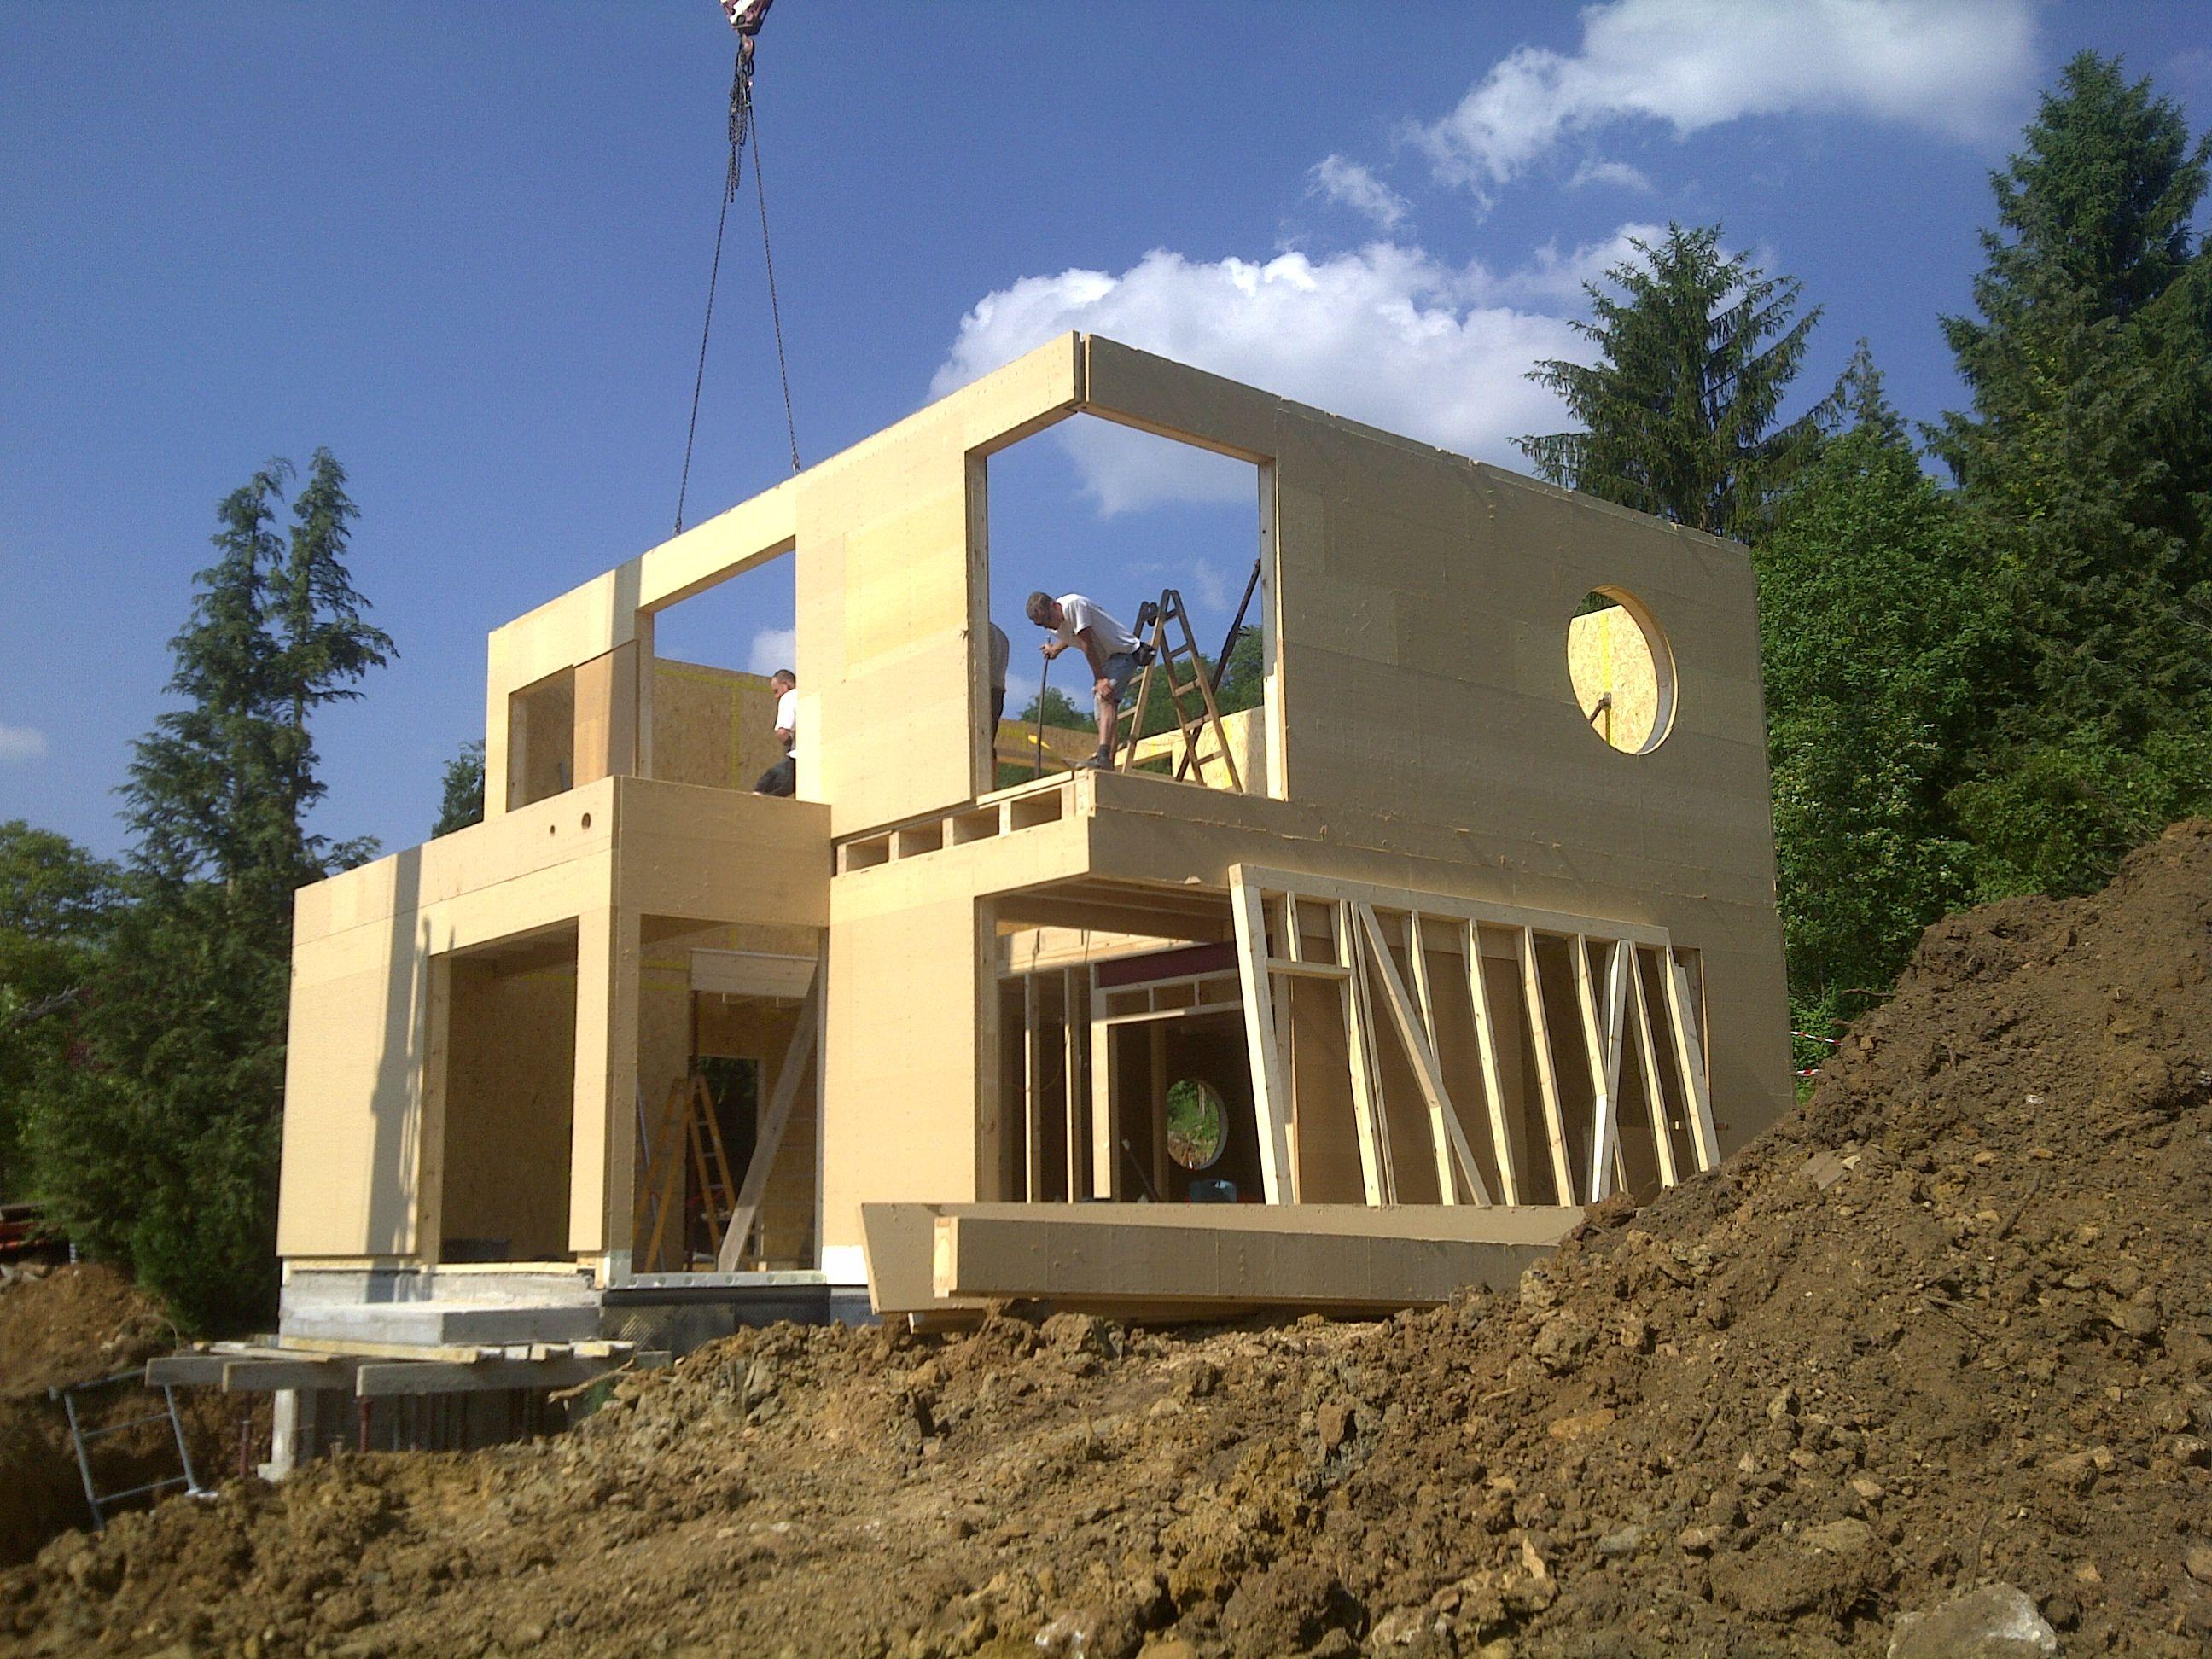 maison bois sur terrain en pente maison neuve pinterest terrain en pente maison bois et. Black Bedroom Furniture Sets. Home Design Ideas